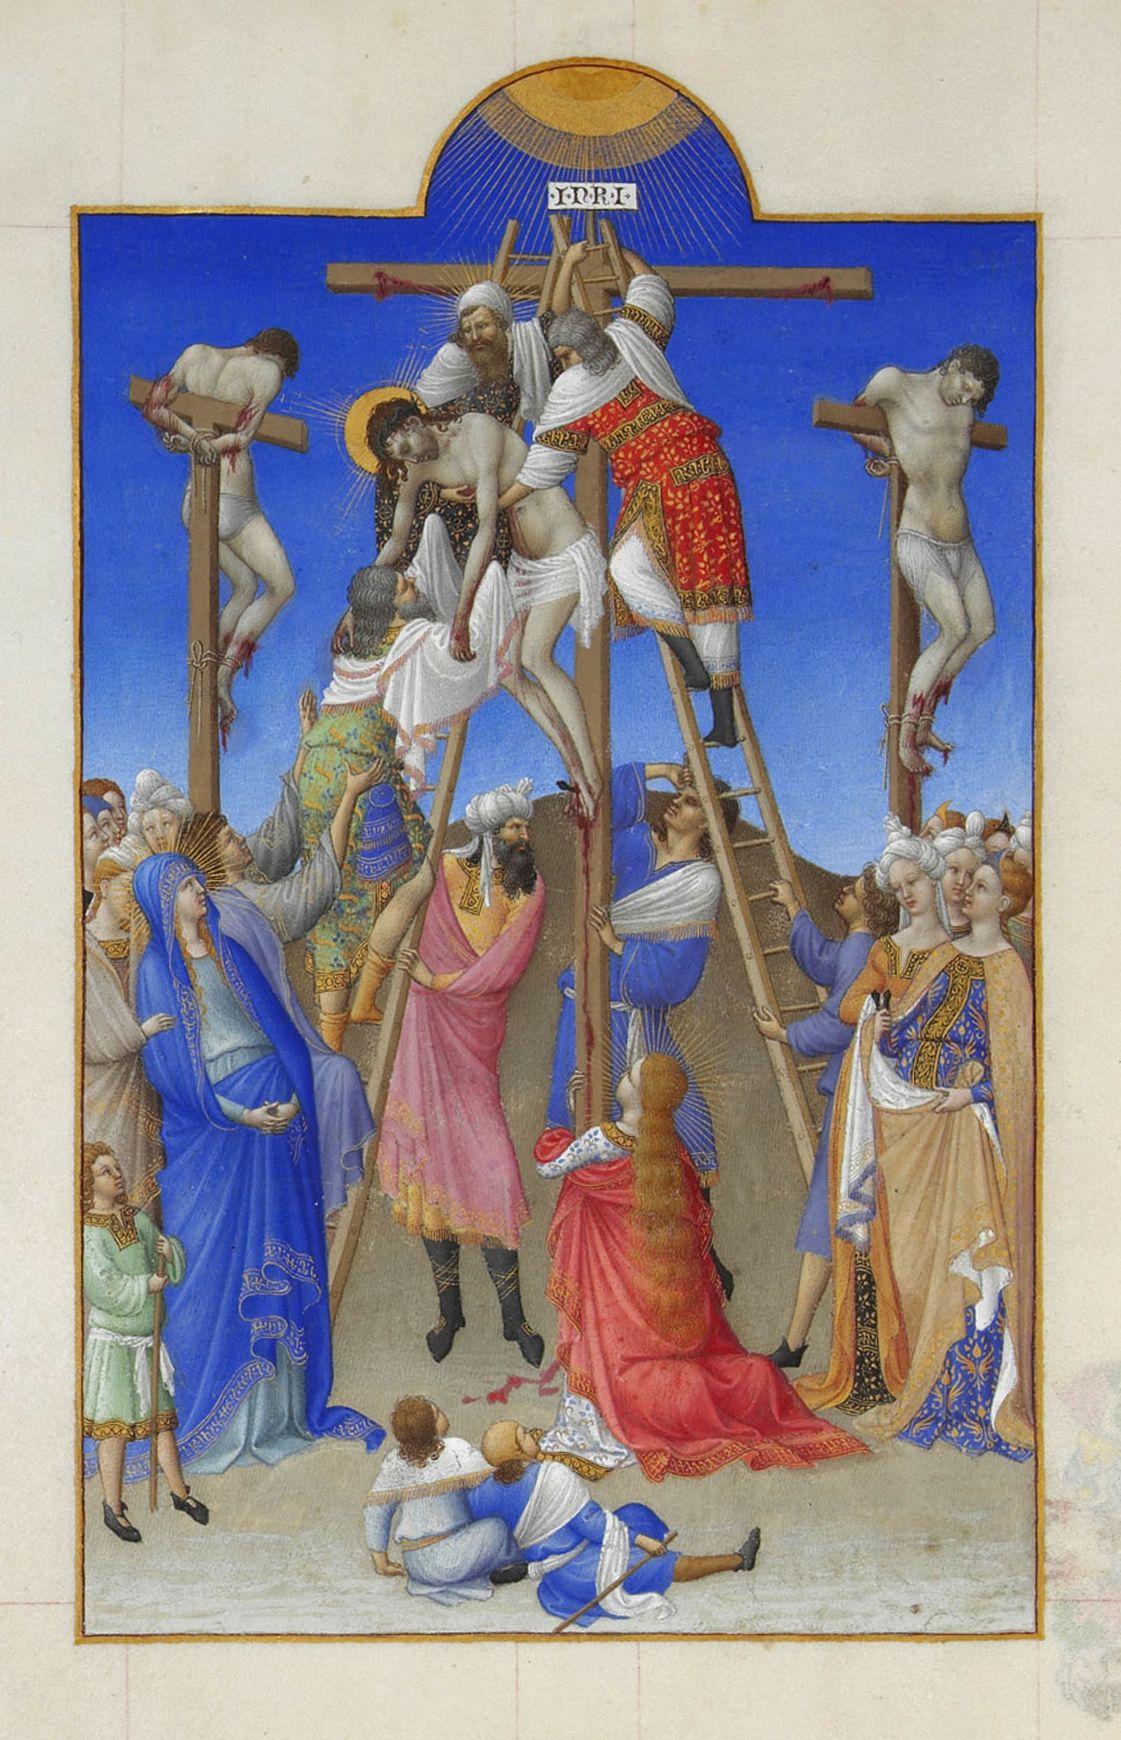 Les-Tres-Riches-Heures-du-duc-de-Berry-Folio_156v_-_The_Deposition-1411-1416